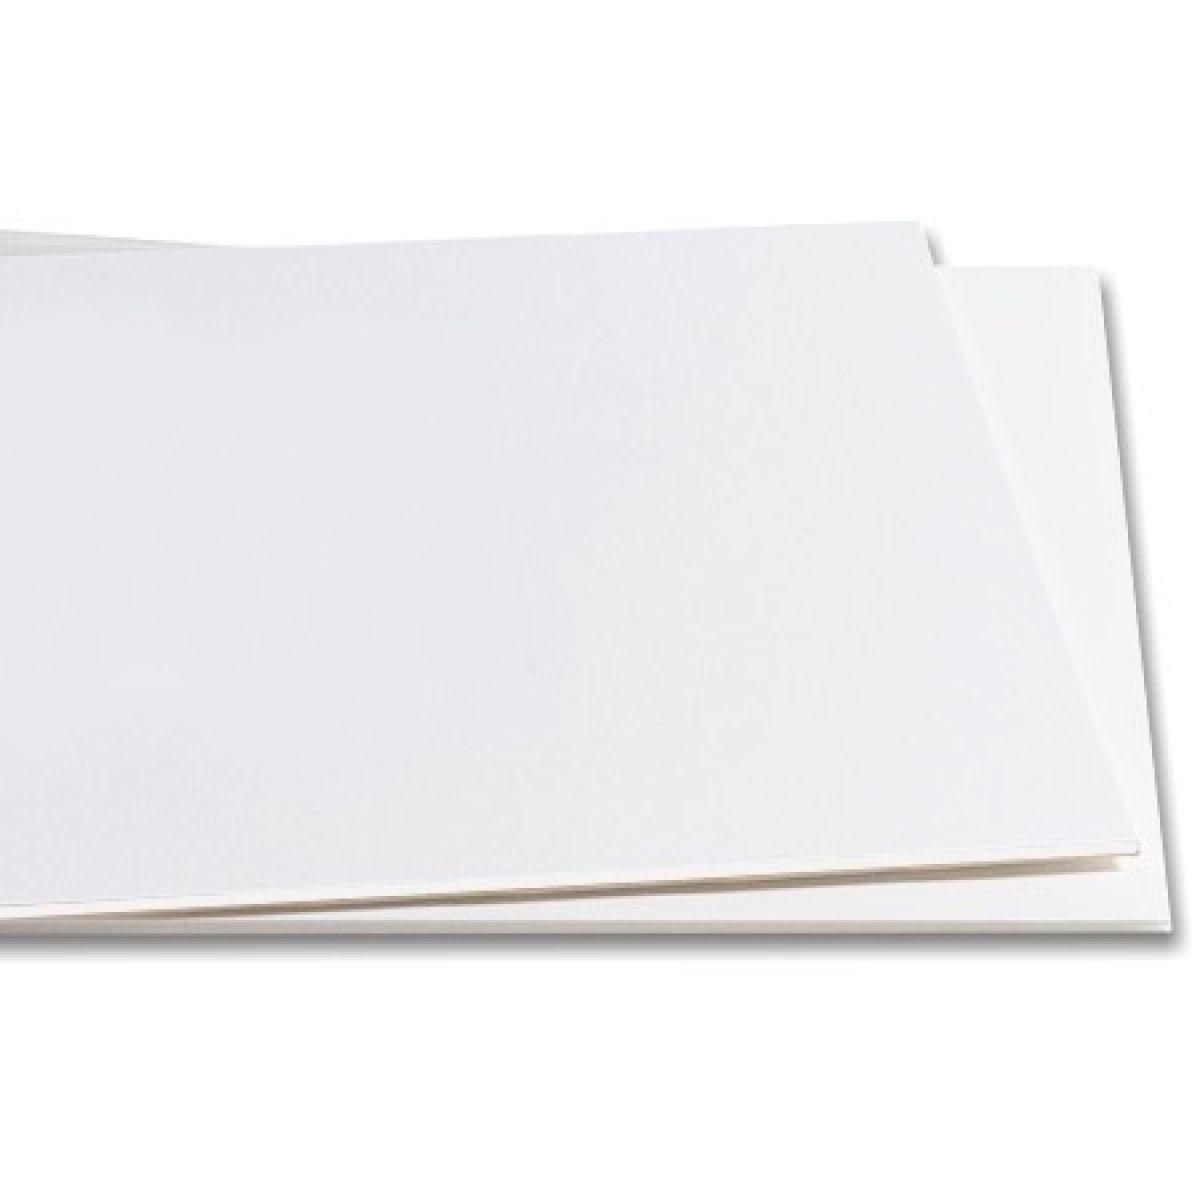 Papel Couche Fosco 170g A4 Embalagem Com 100 Folhas Phandora